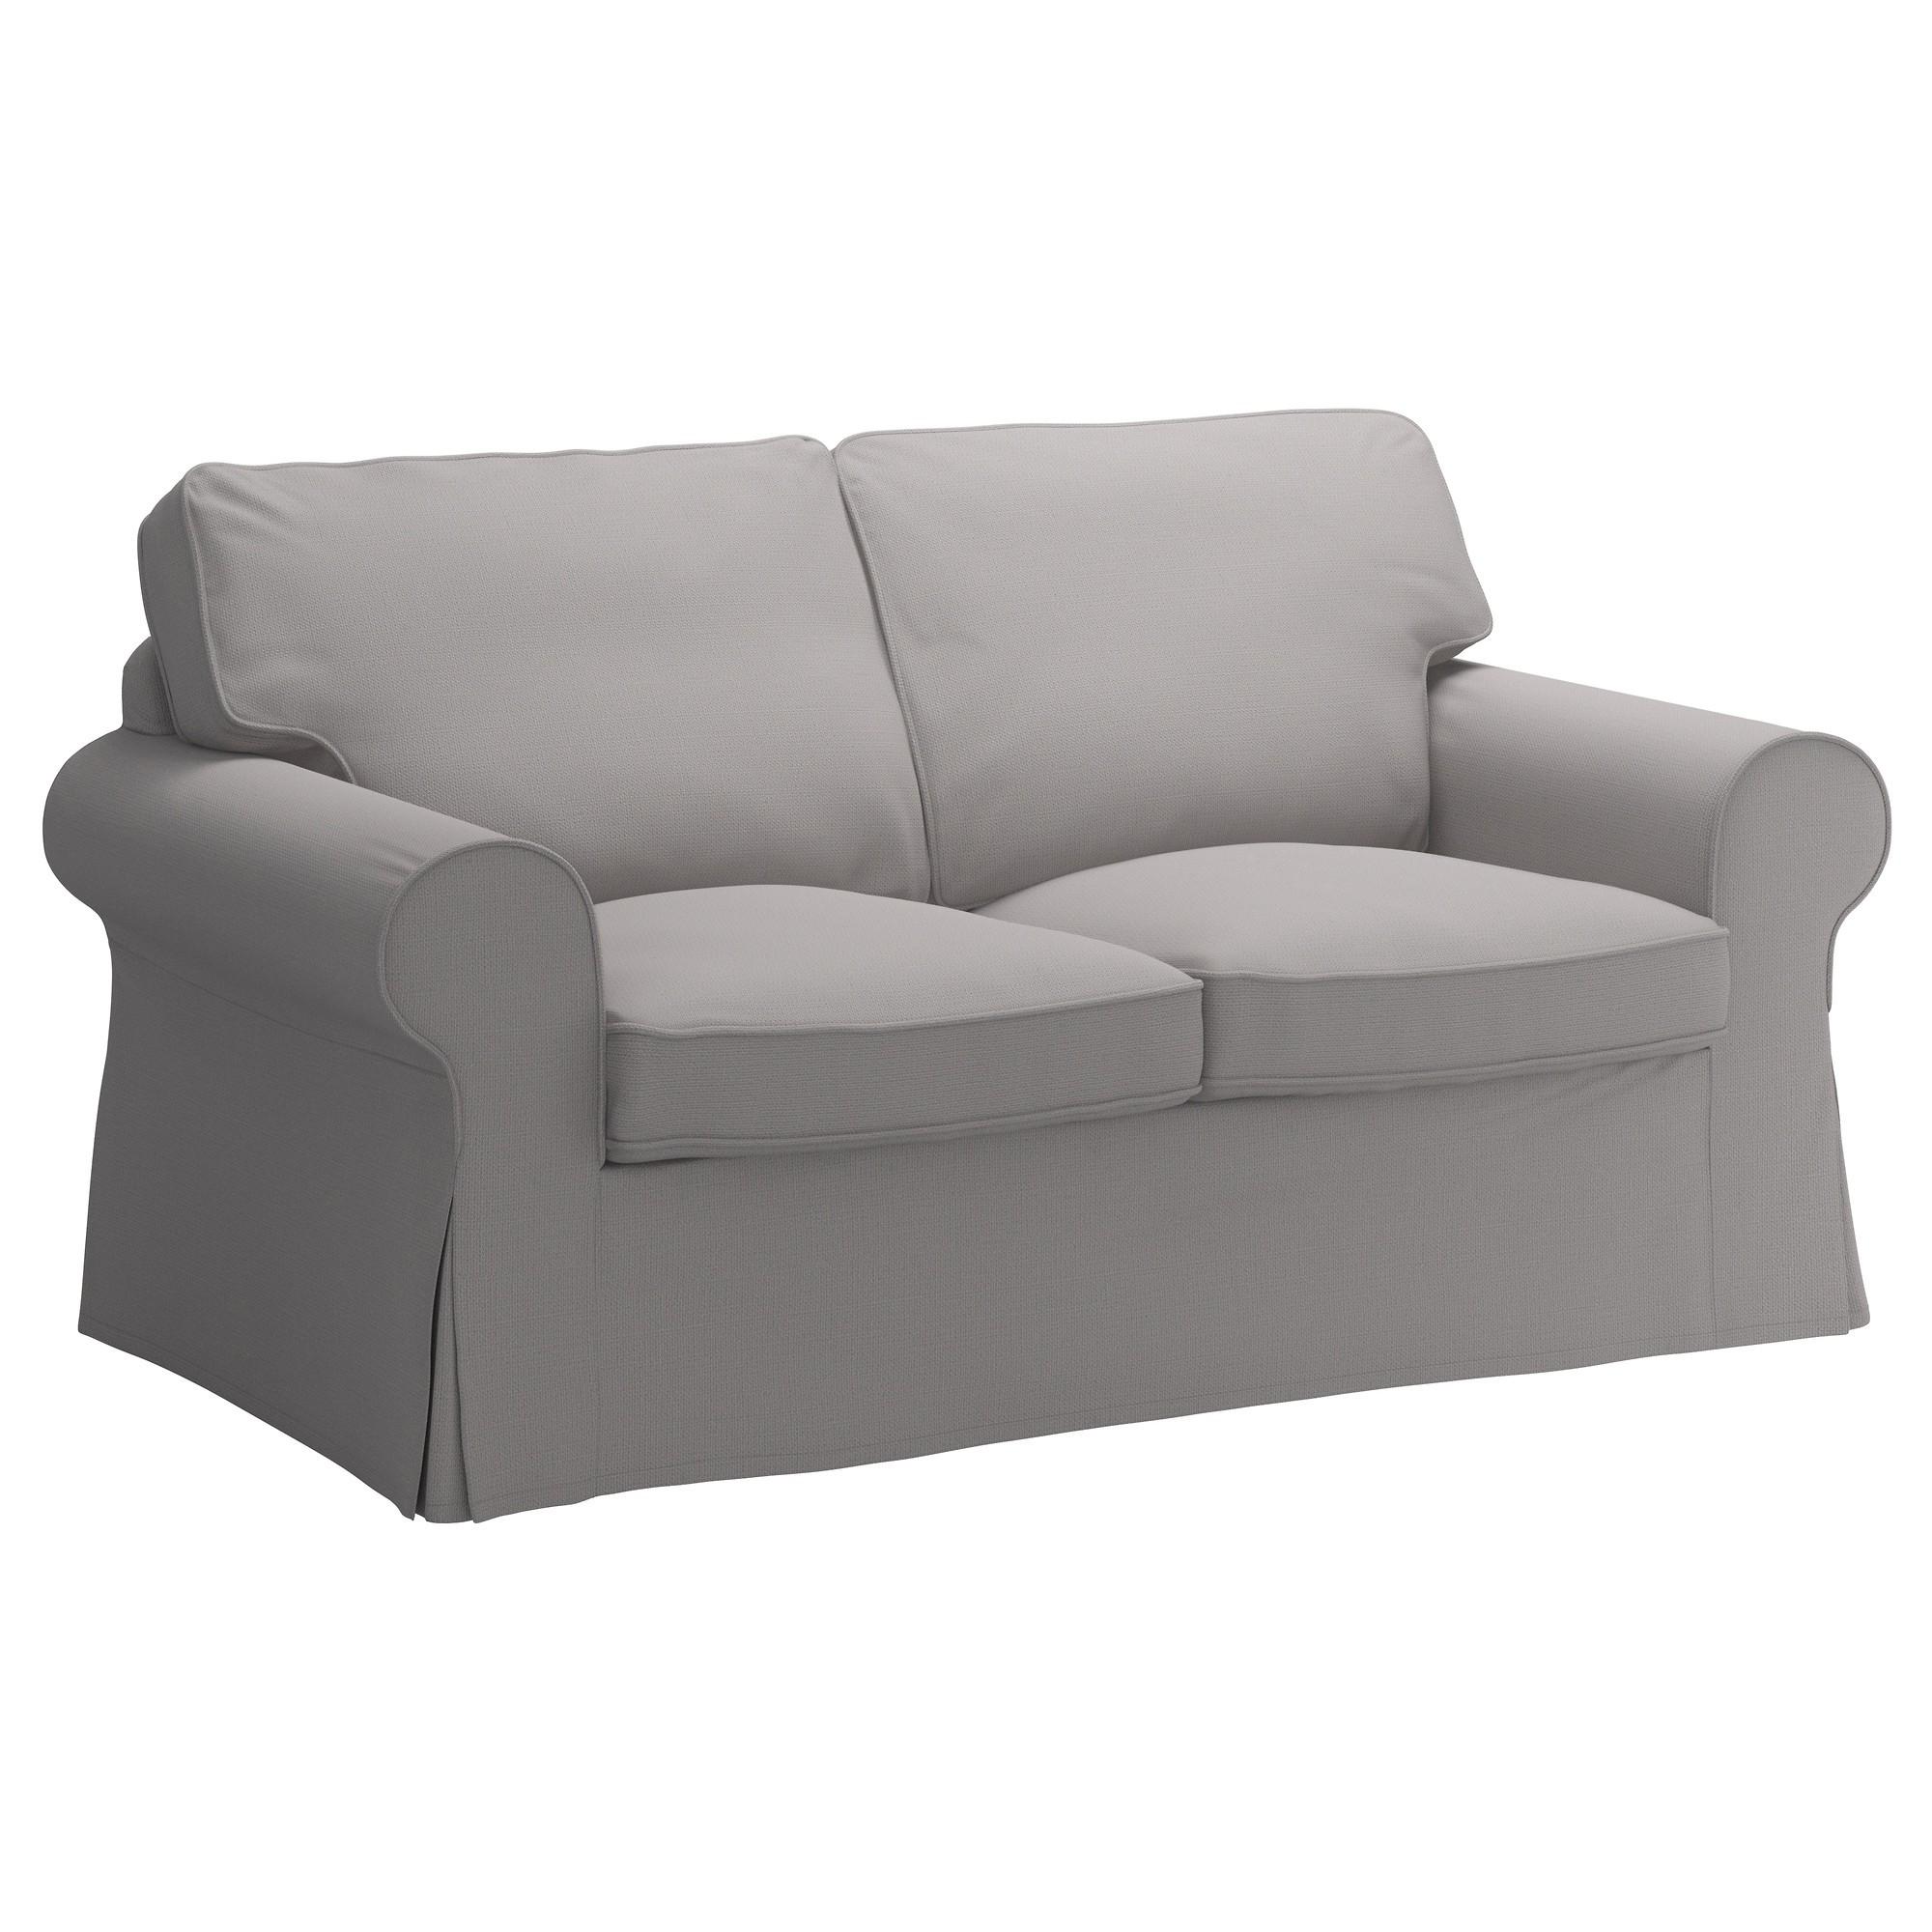 Canape Deux Places Convertible Ikea